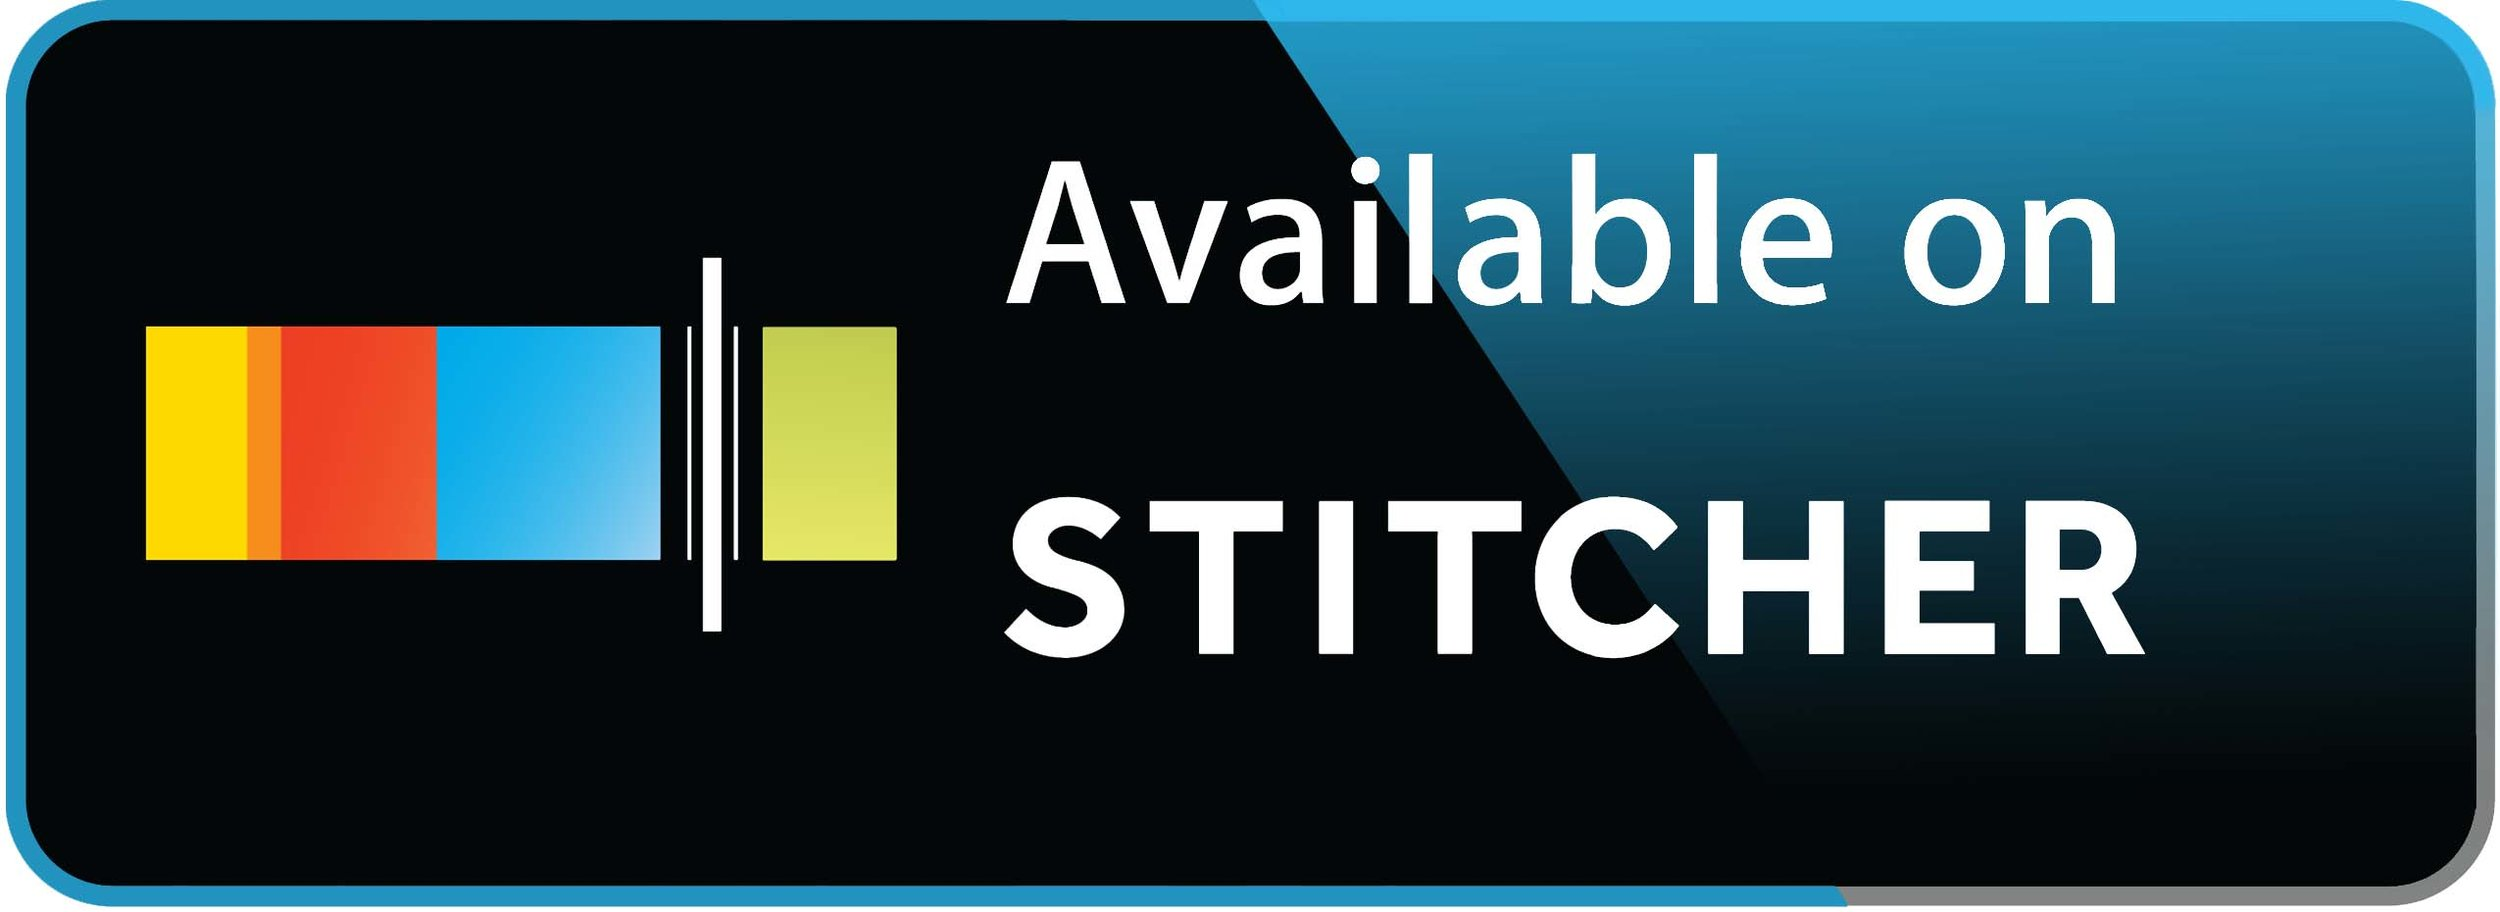 stitcher-logo-cover.jpg